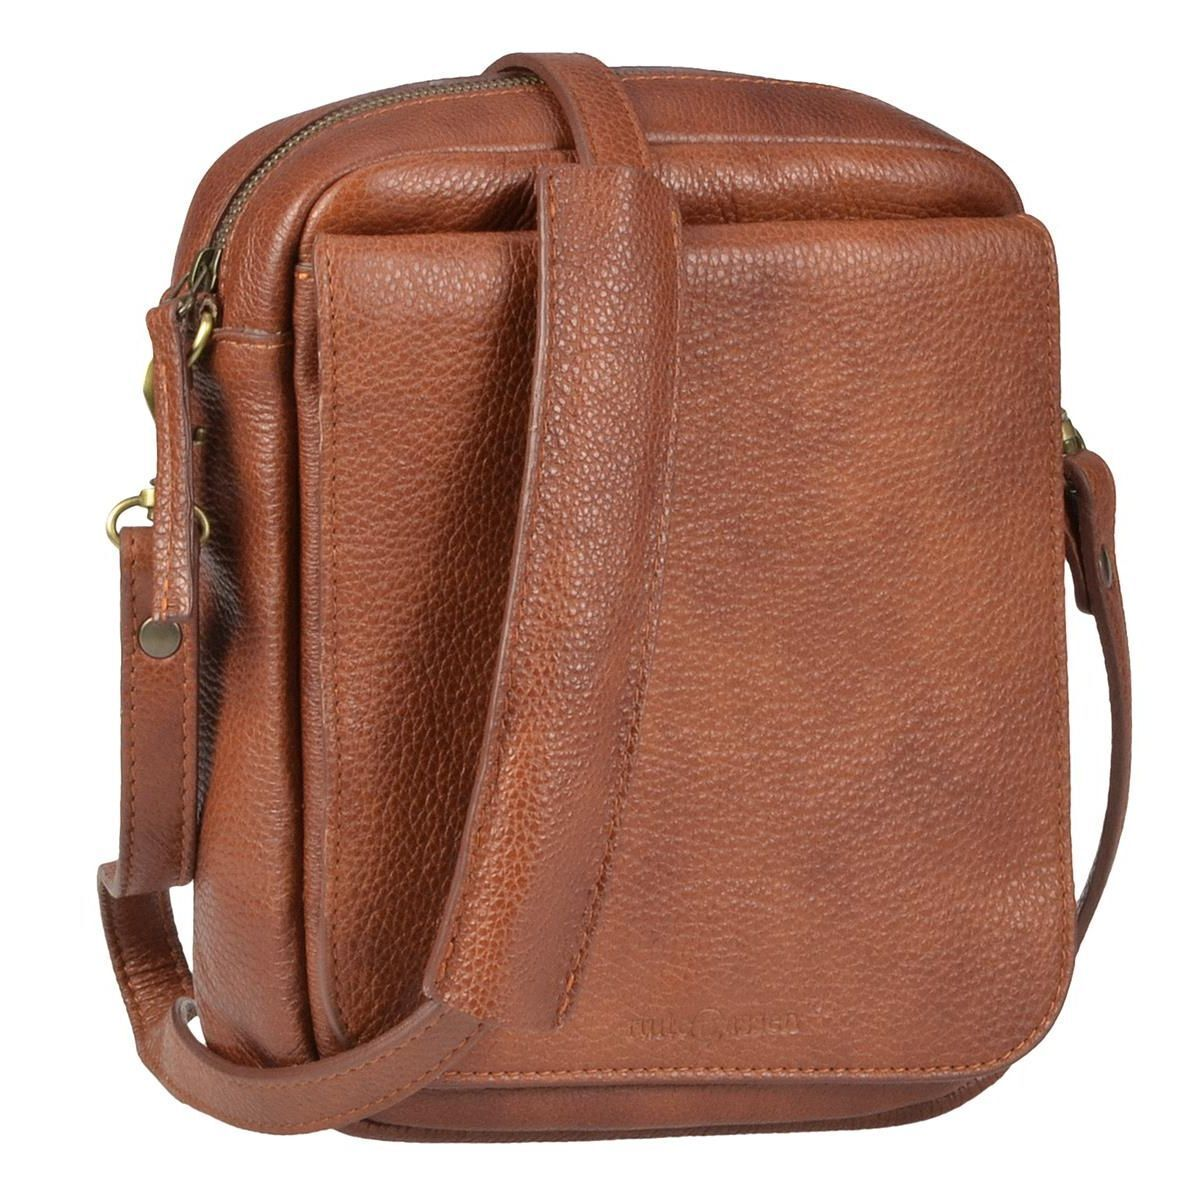 RUITERTASSEN Umhängetasche Leder Herrentasche Schultertasche Schultertasche Schultertasche   | Hervorragende Eigenschaften  9961df